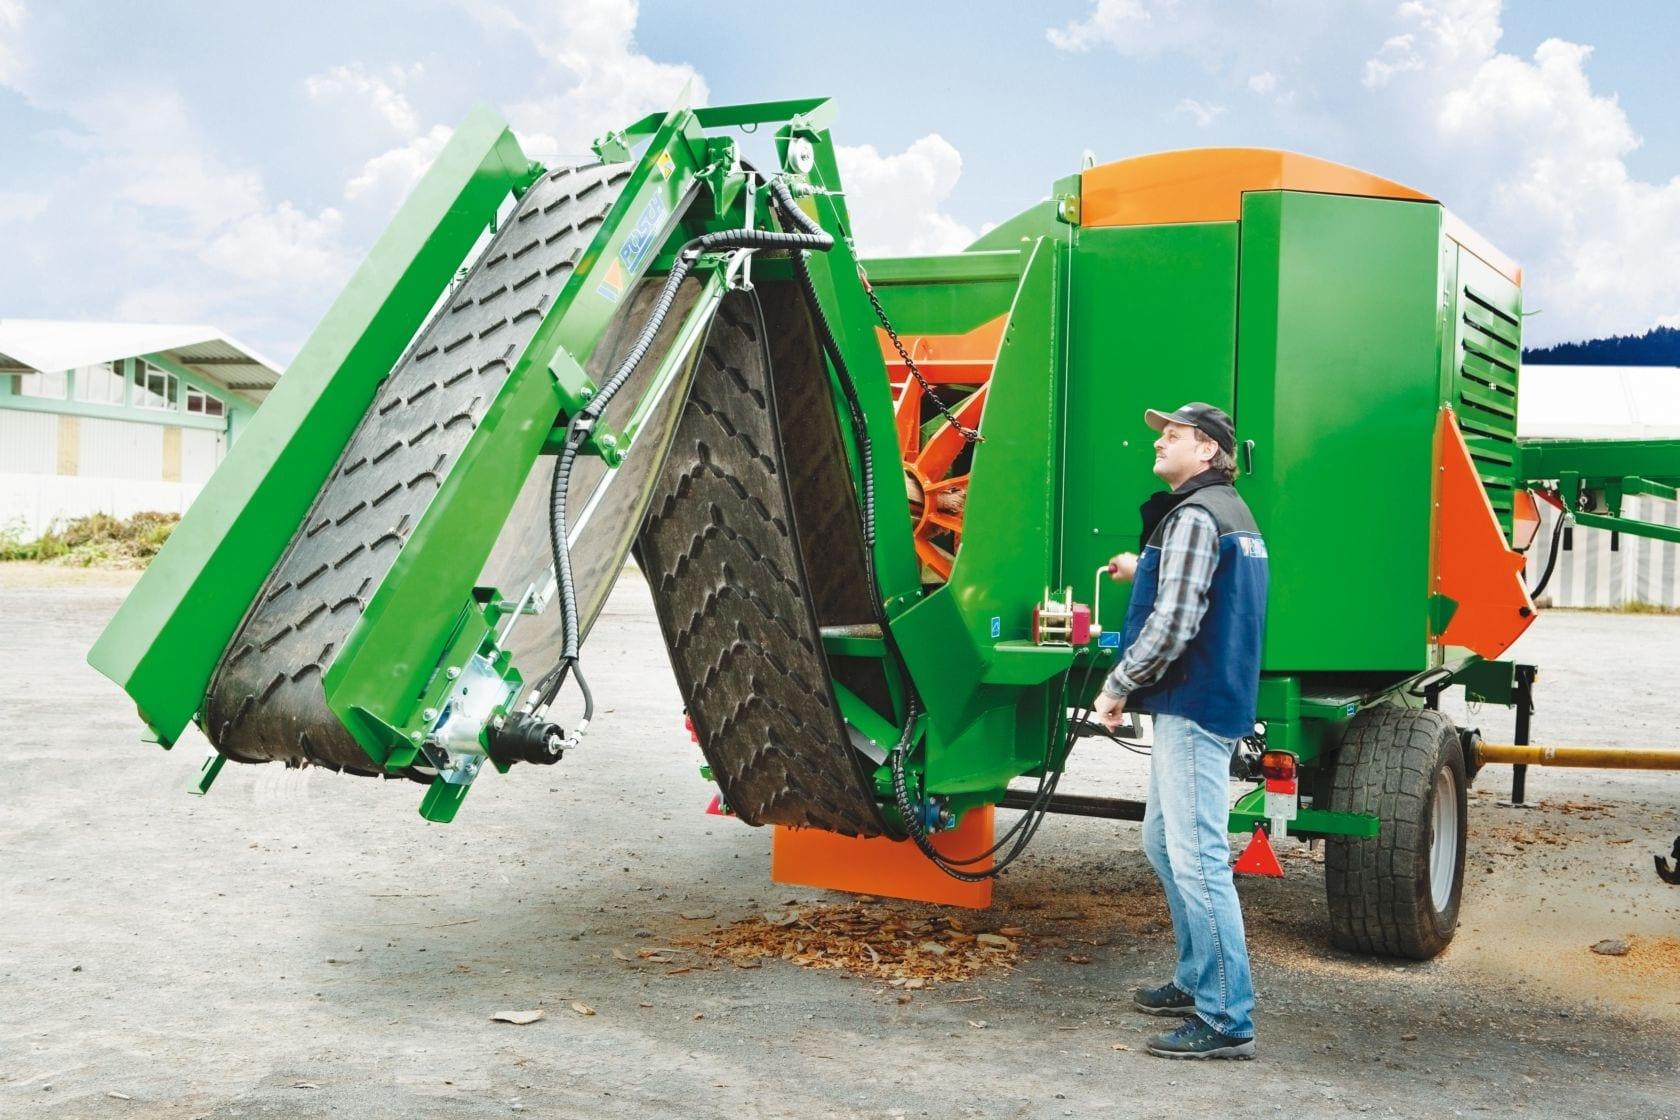 Brennholz Förderband klappbar für den Transport. Knickförderband zu mobilem Sägespalter